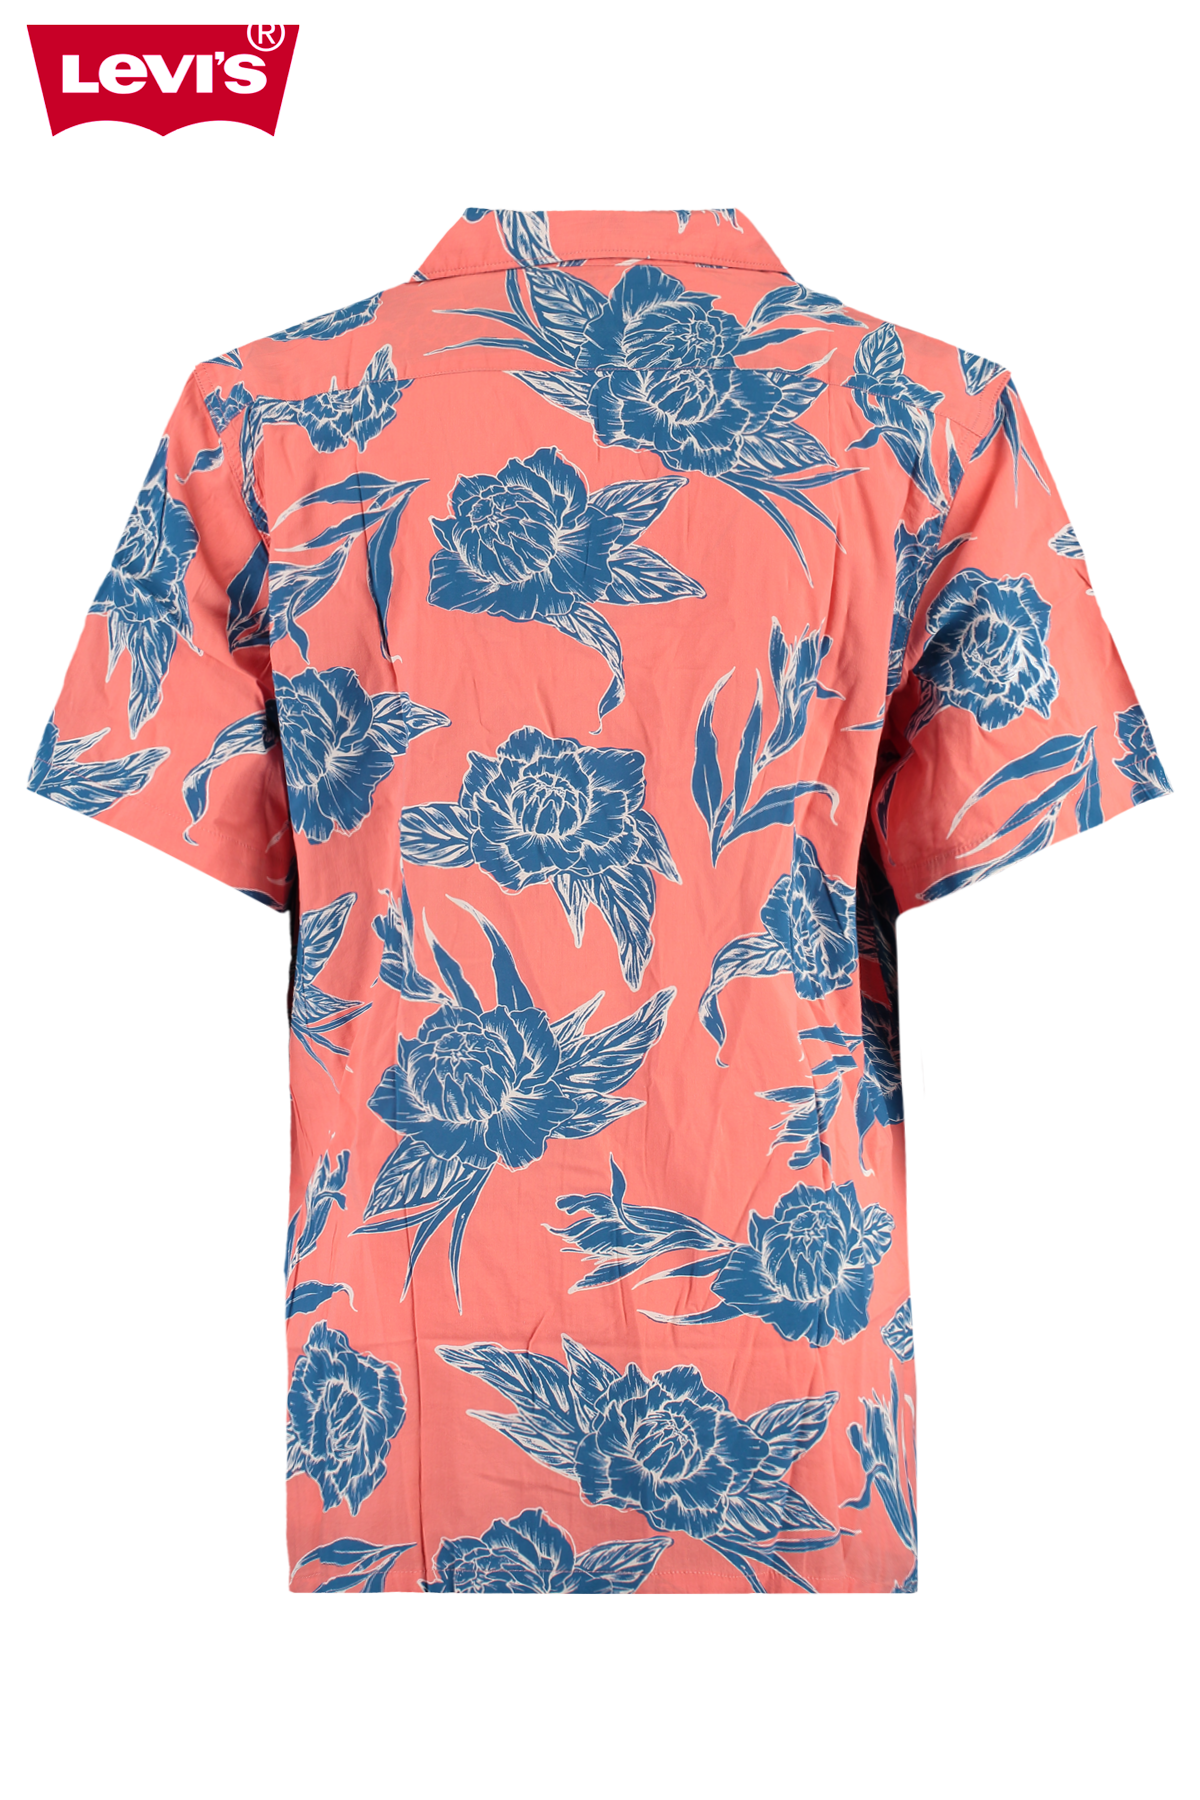 Shirt S/S Classic camper